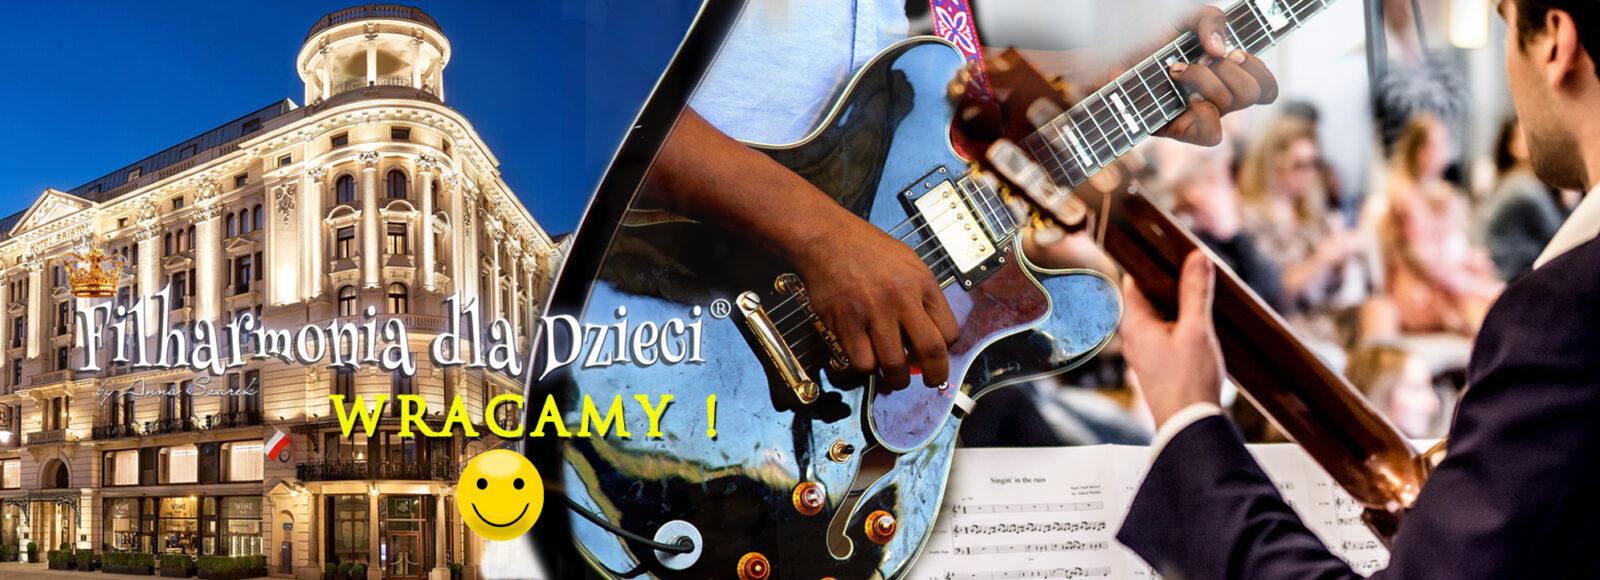 Gitary Sierpien Filharmonia dla Dzieci Bristol